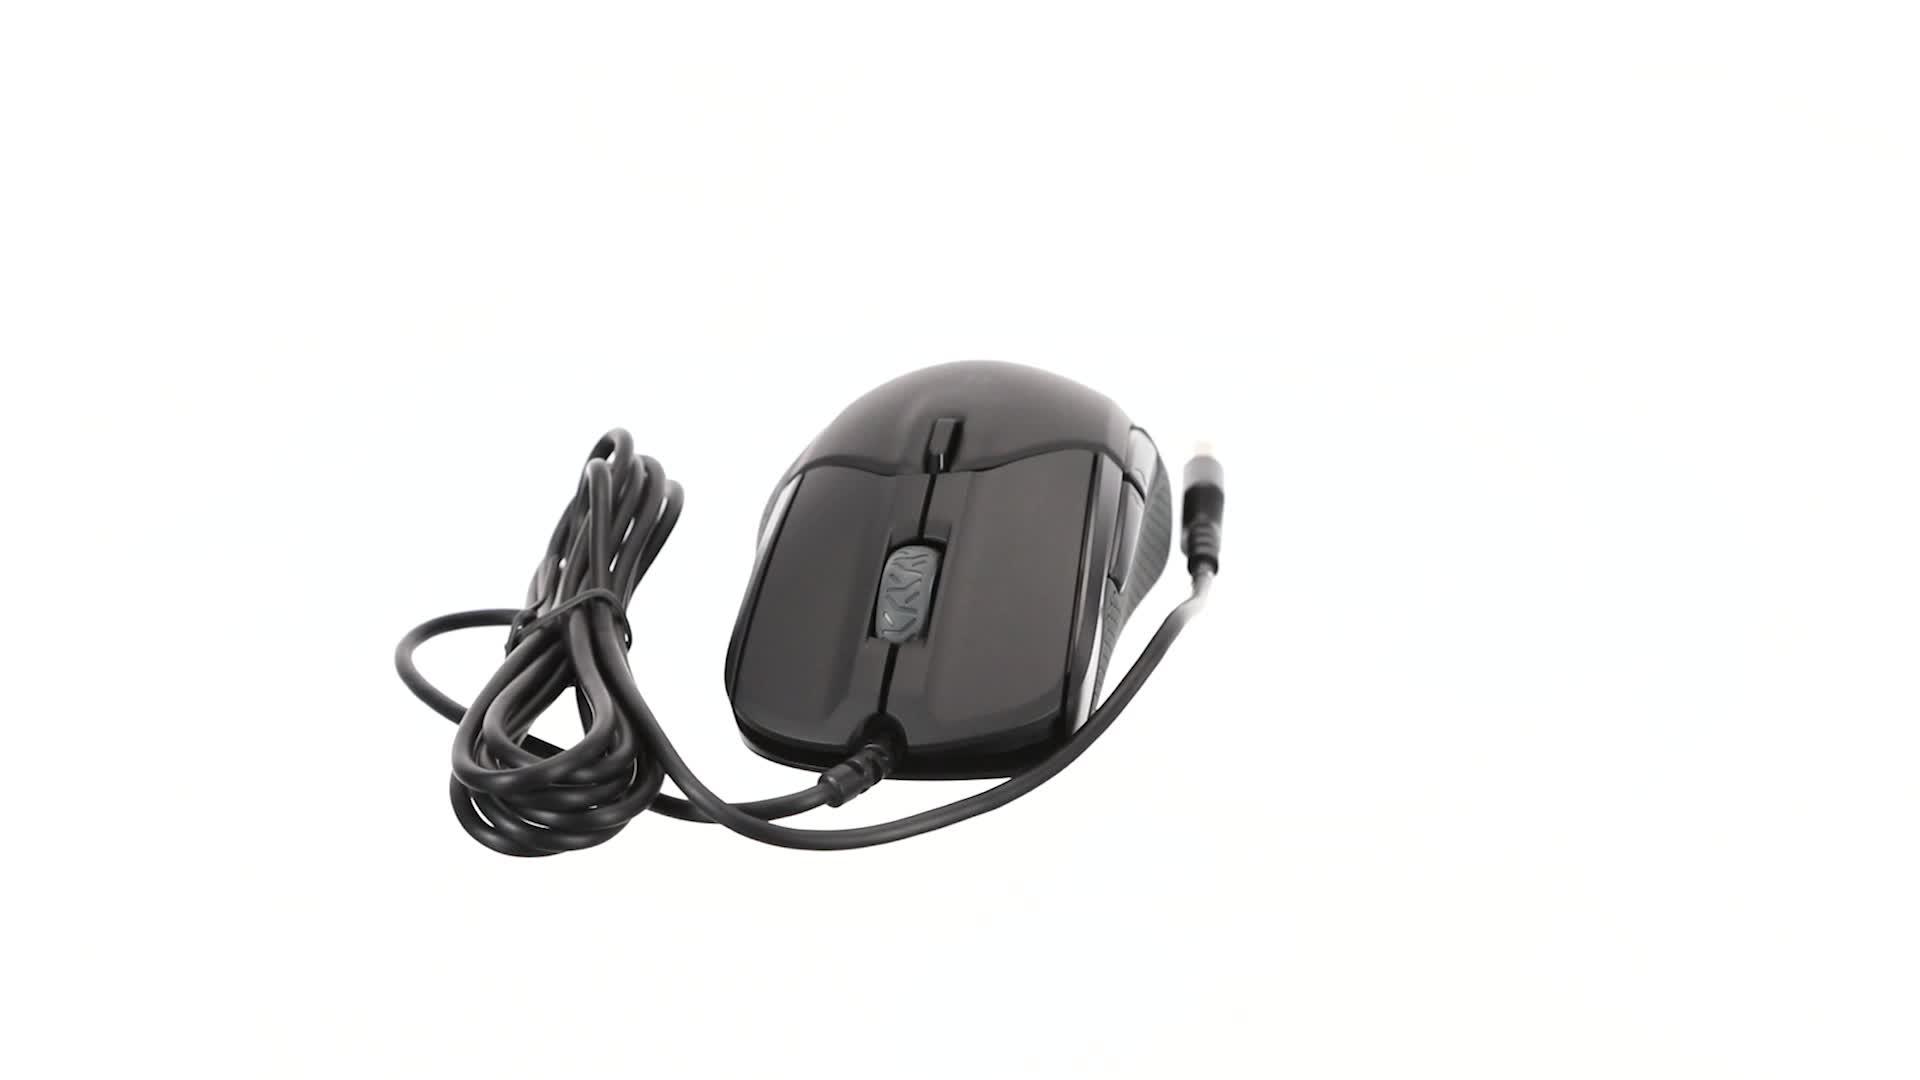 SteelSeries Rival 310 - Ratón de Juego Óptico - Iluminación RGB - 6 Botones - Laterales de Goma - Memoria Integrada - PC/Mac - Negro